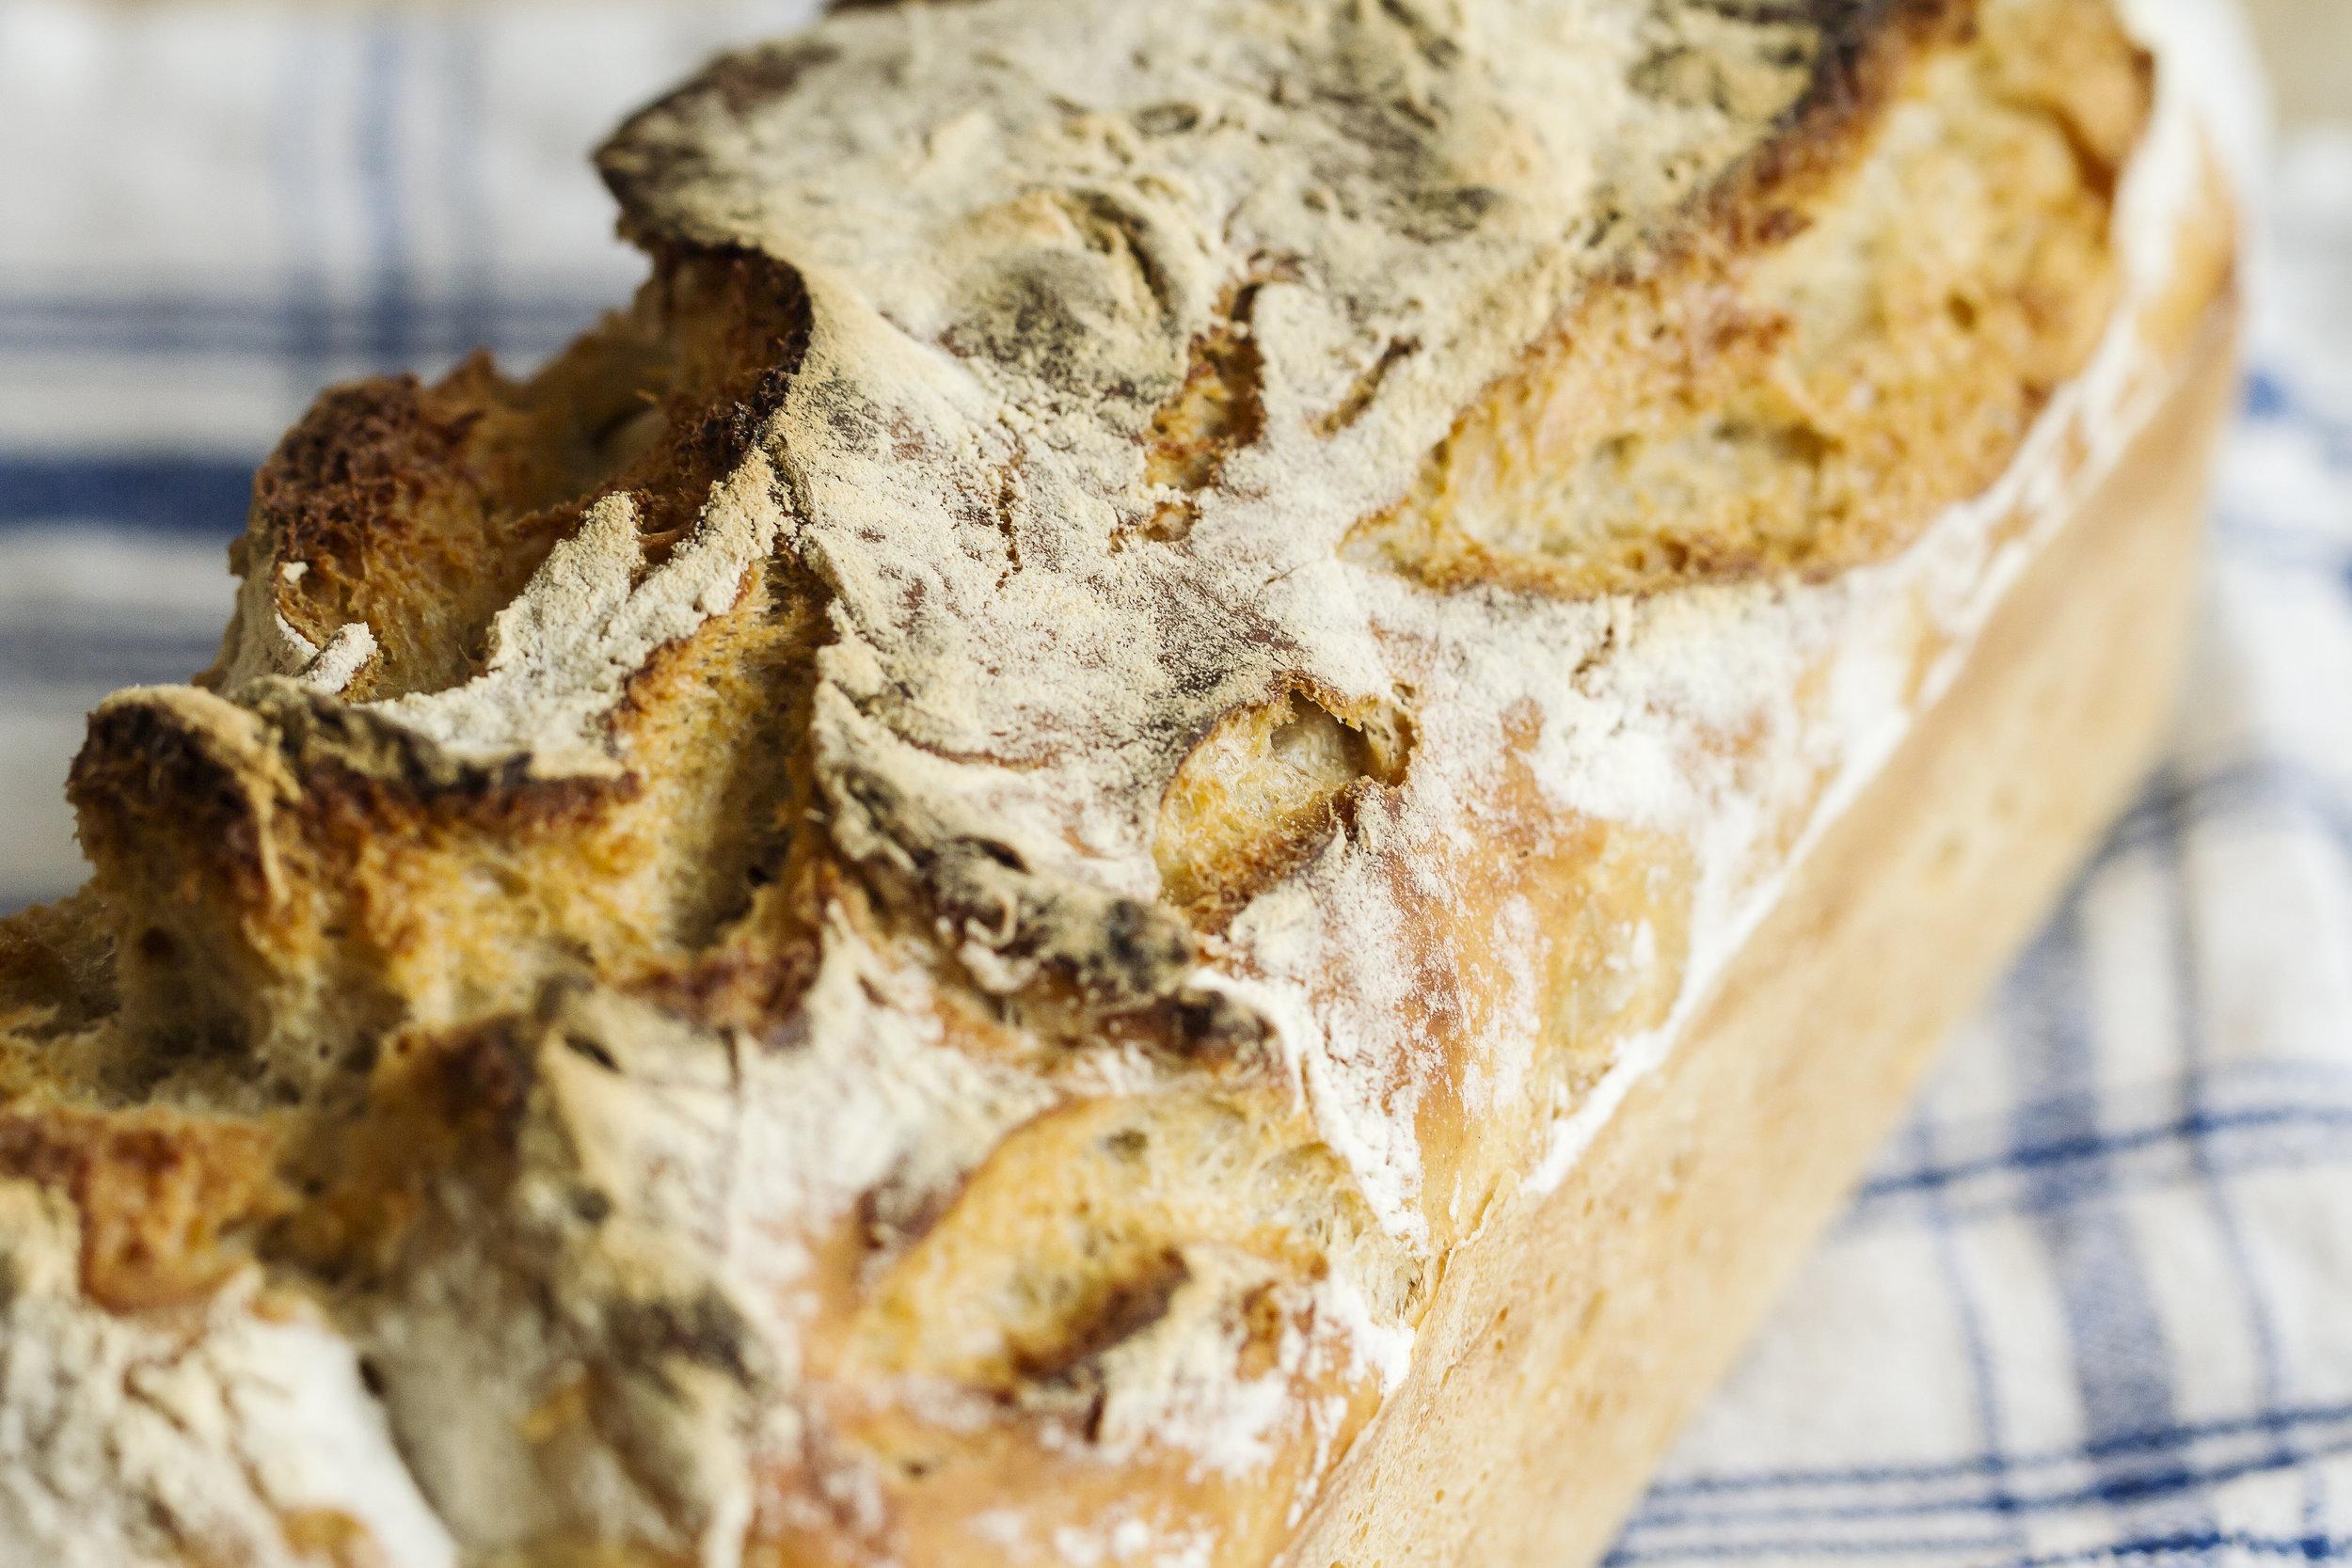 Recette de pain au levain par Alix Le Calvez Diététicienne Psychonutritionniste